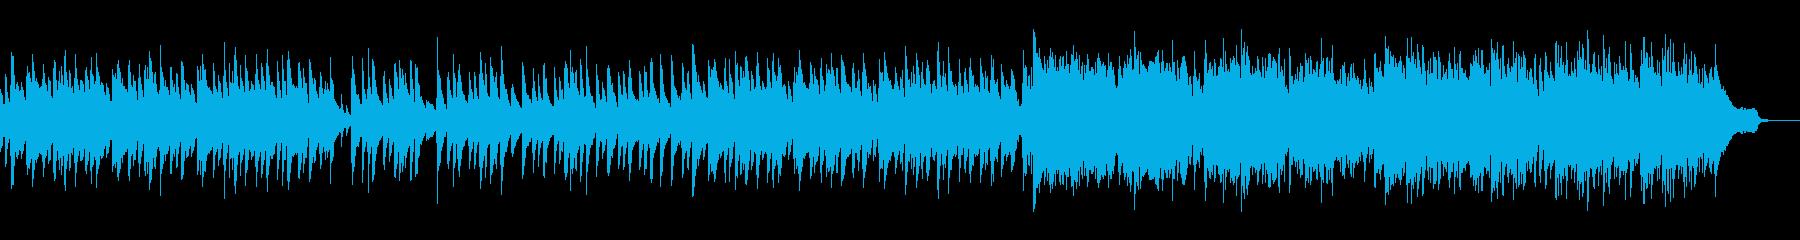 悲しく切ない和風曲の再生済みの波形